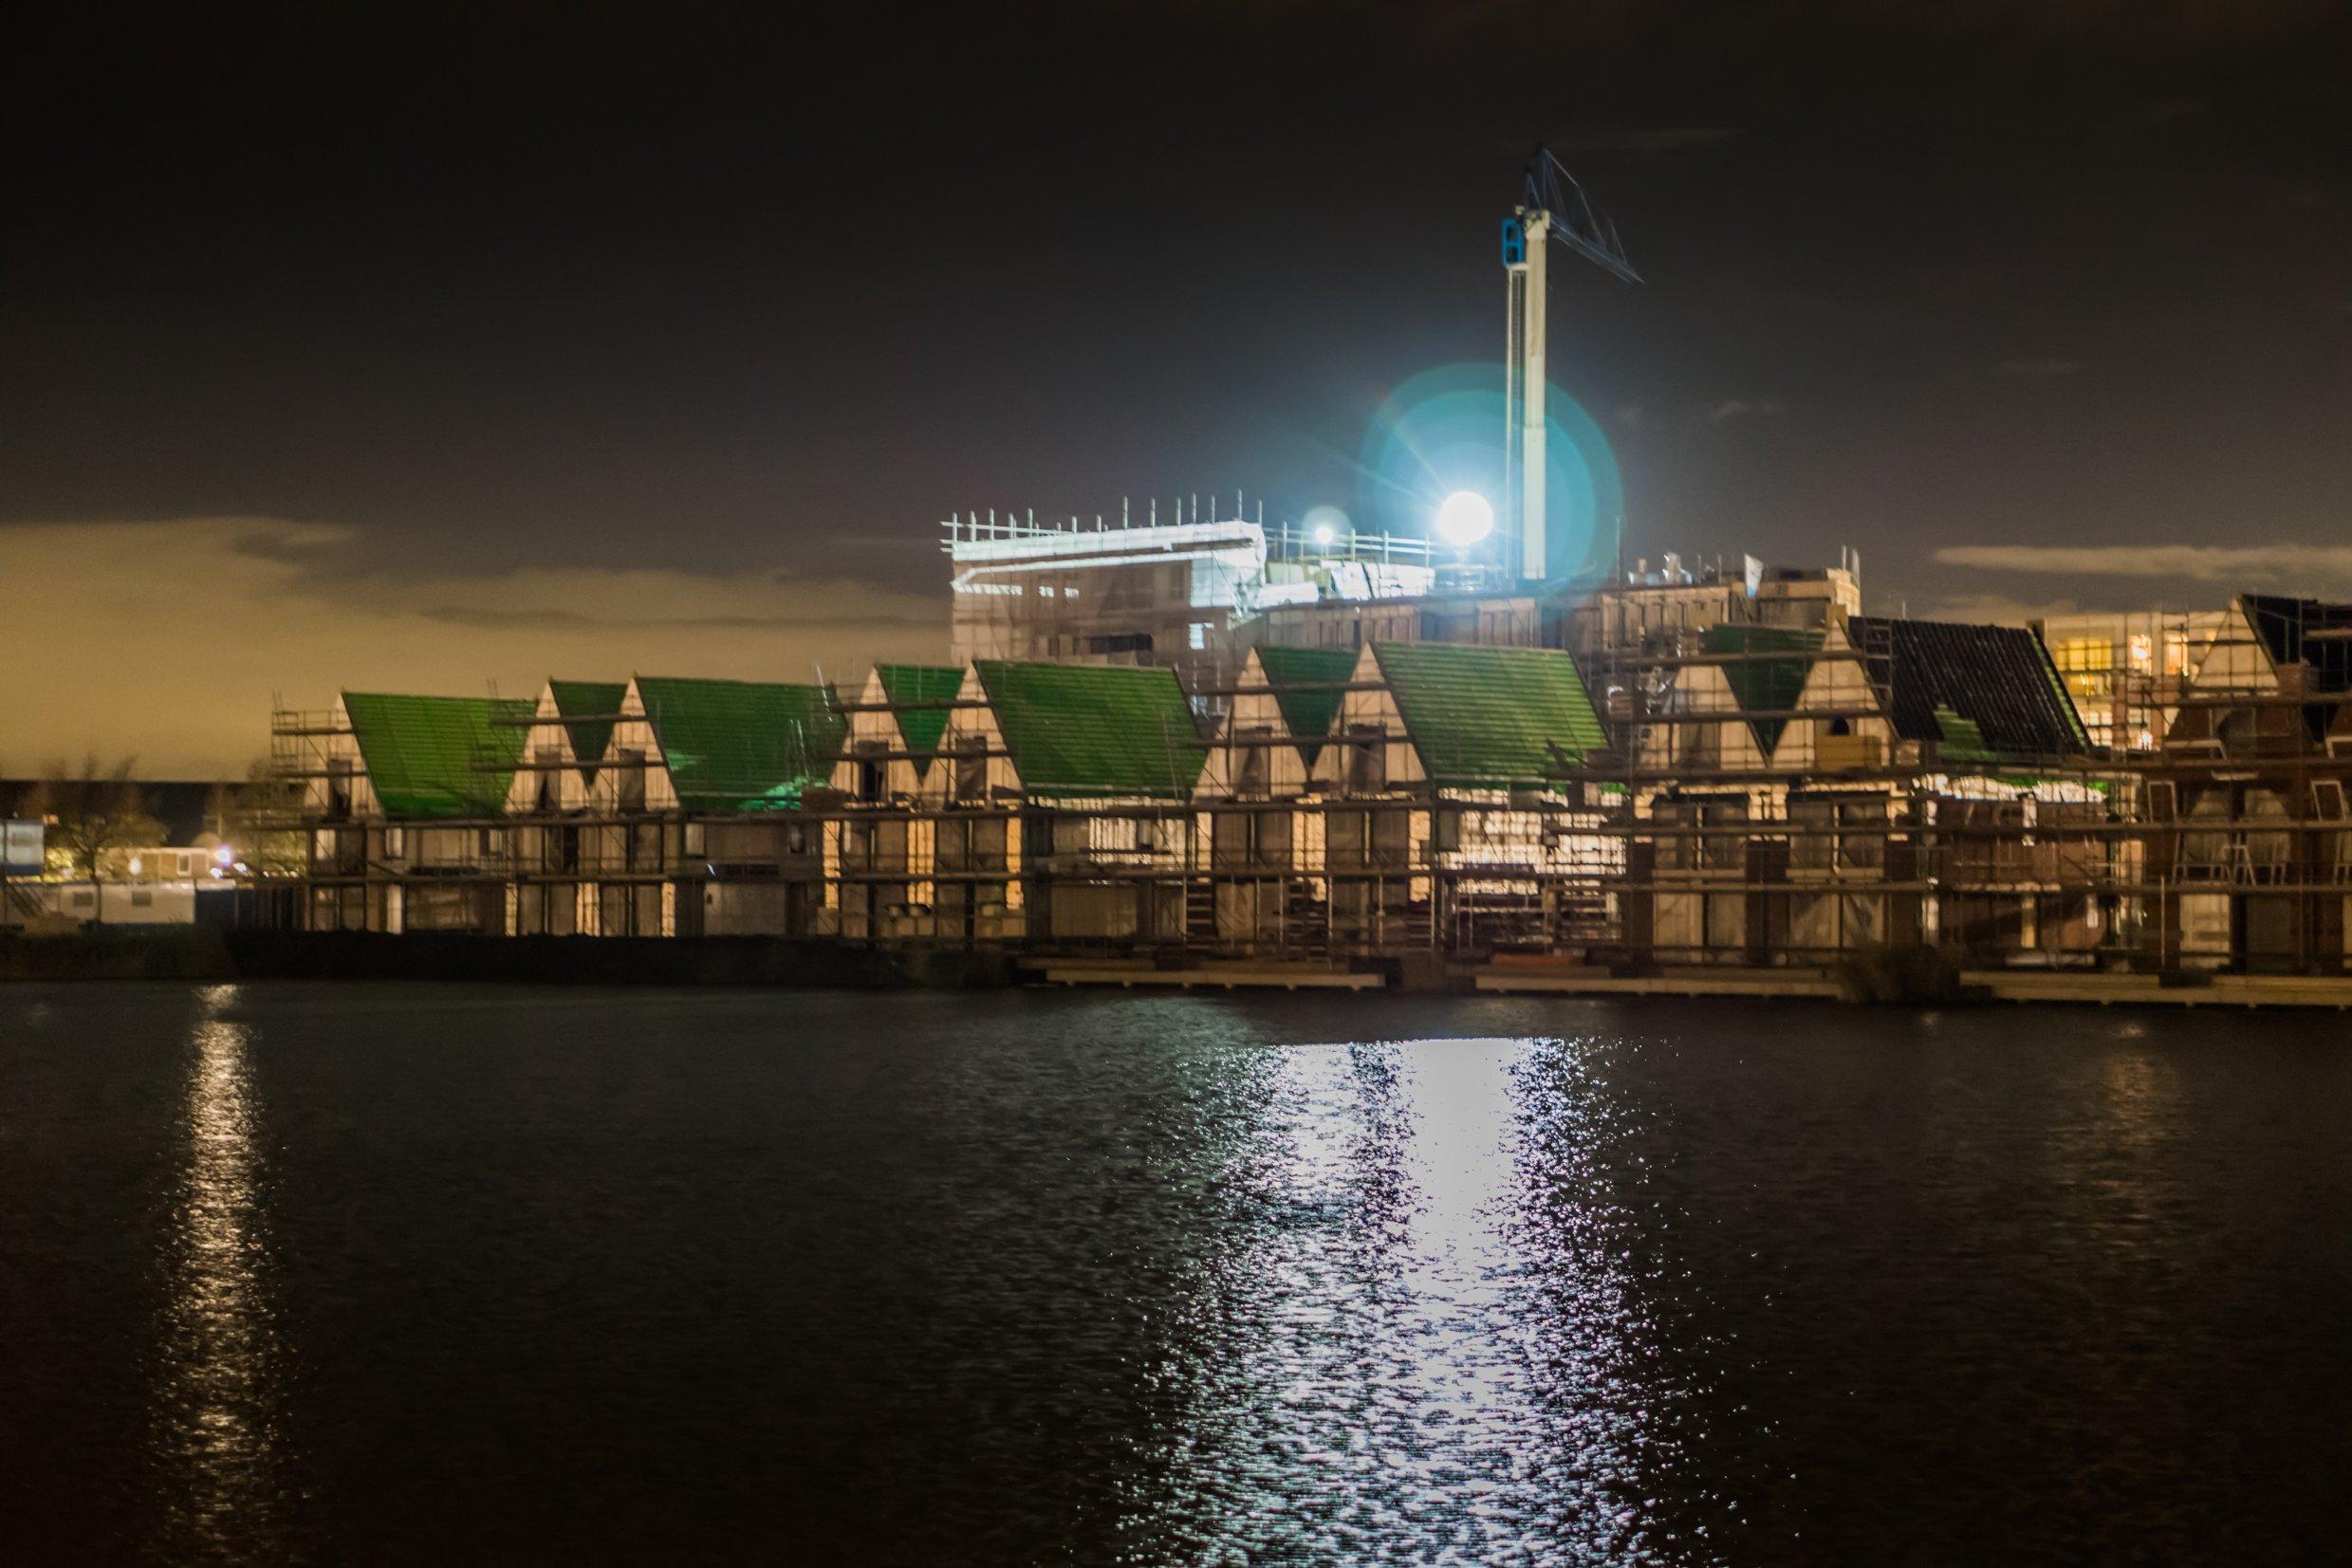 nieuwbouwwoningen in het donker